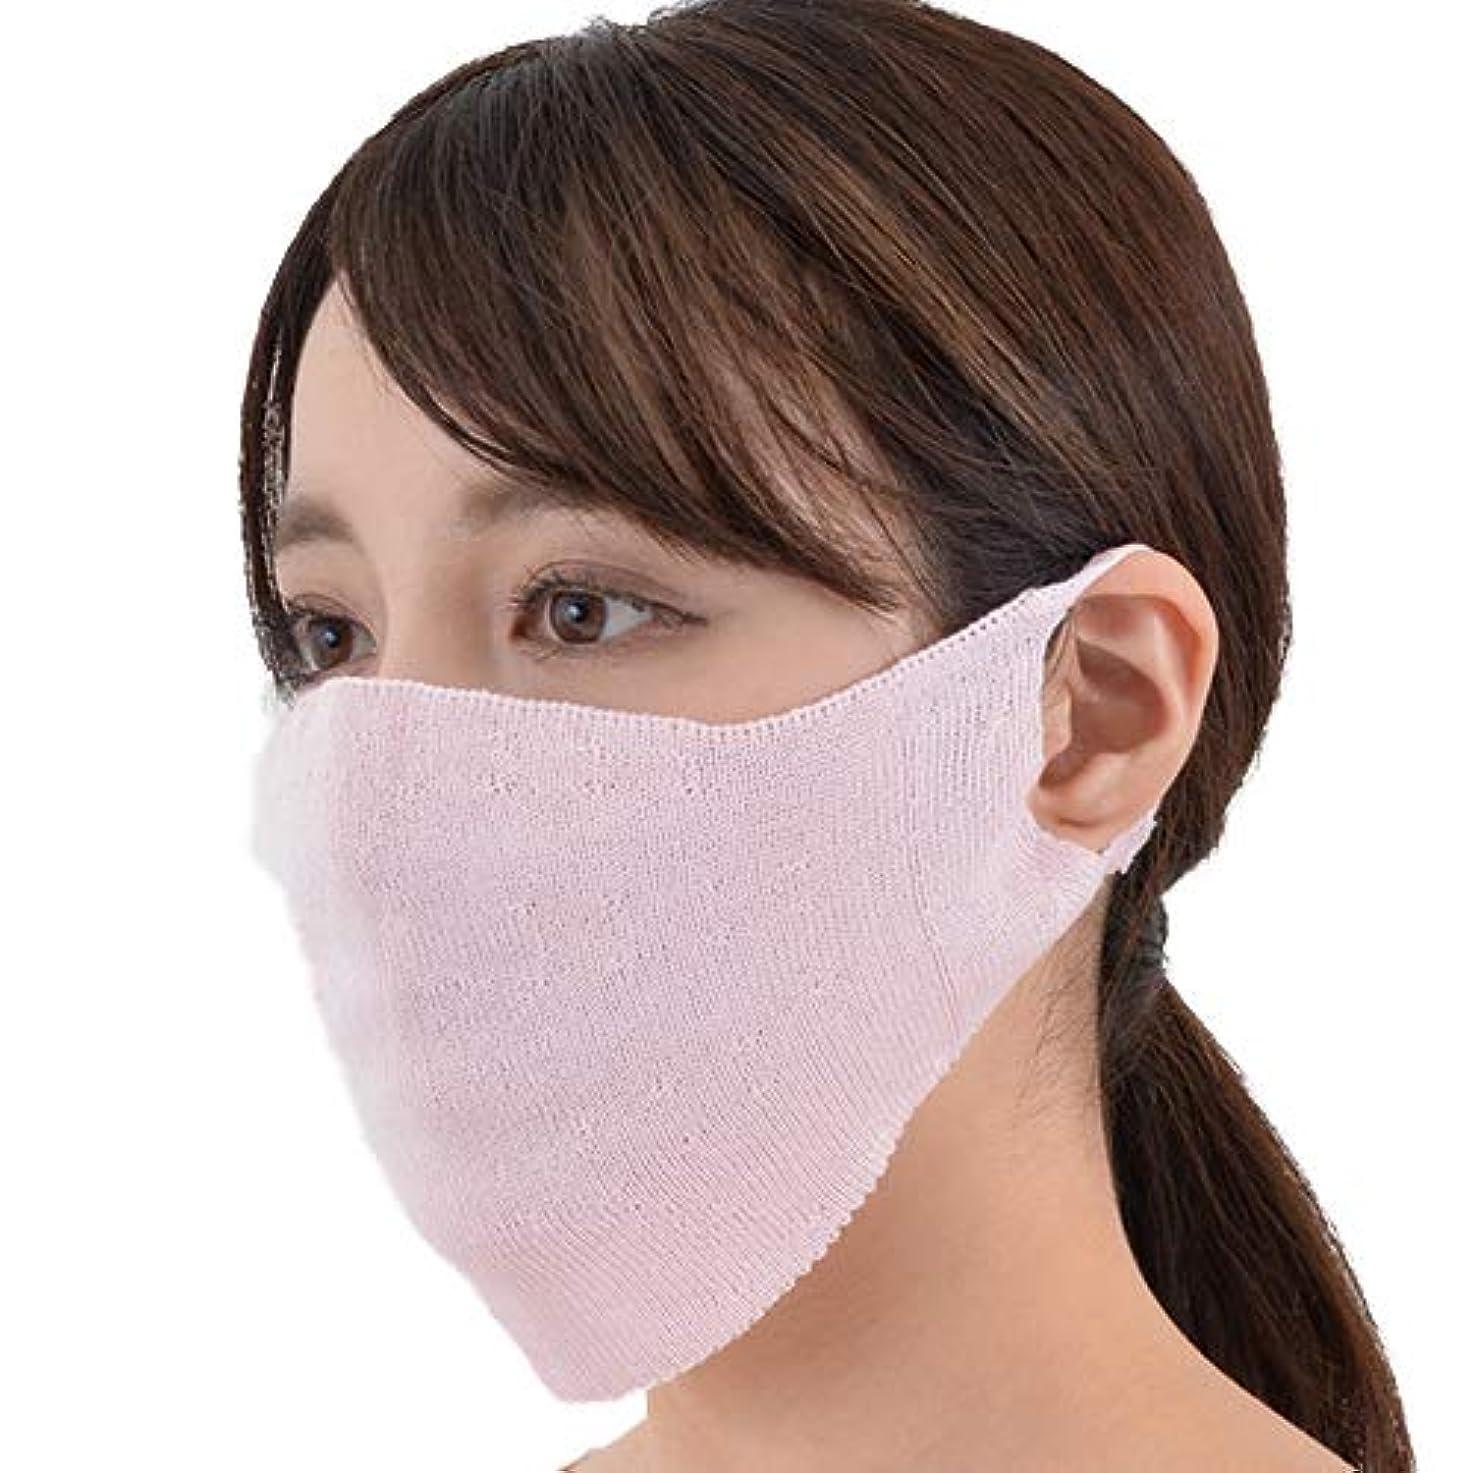 町タール逃げる【SILK100%】無縫製 保湿マスク シルク100% ホールガーメント? 日本製 工場直販 (ピンク)(4045-7188)